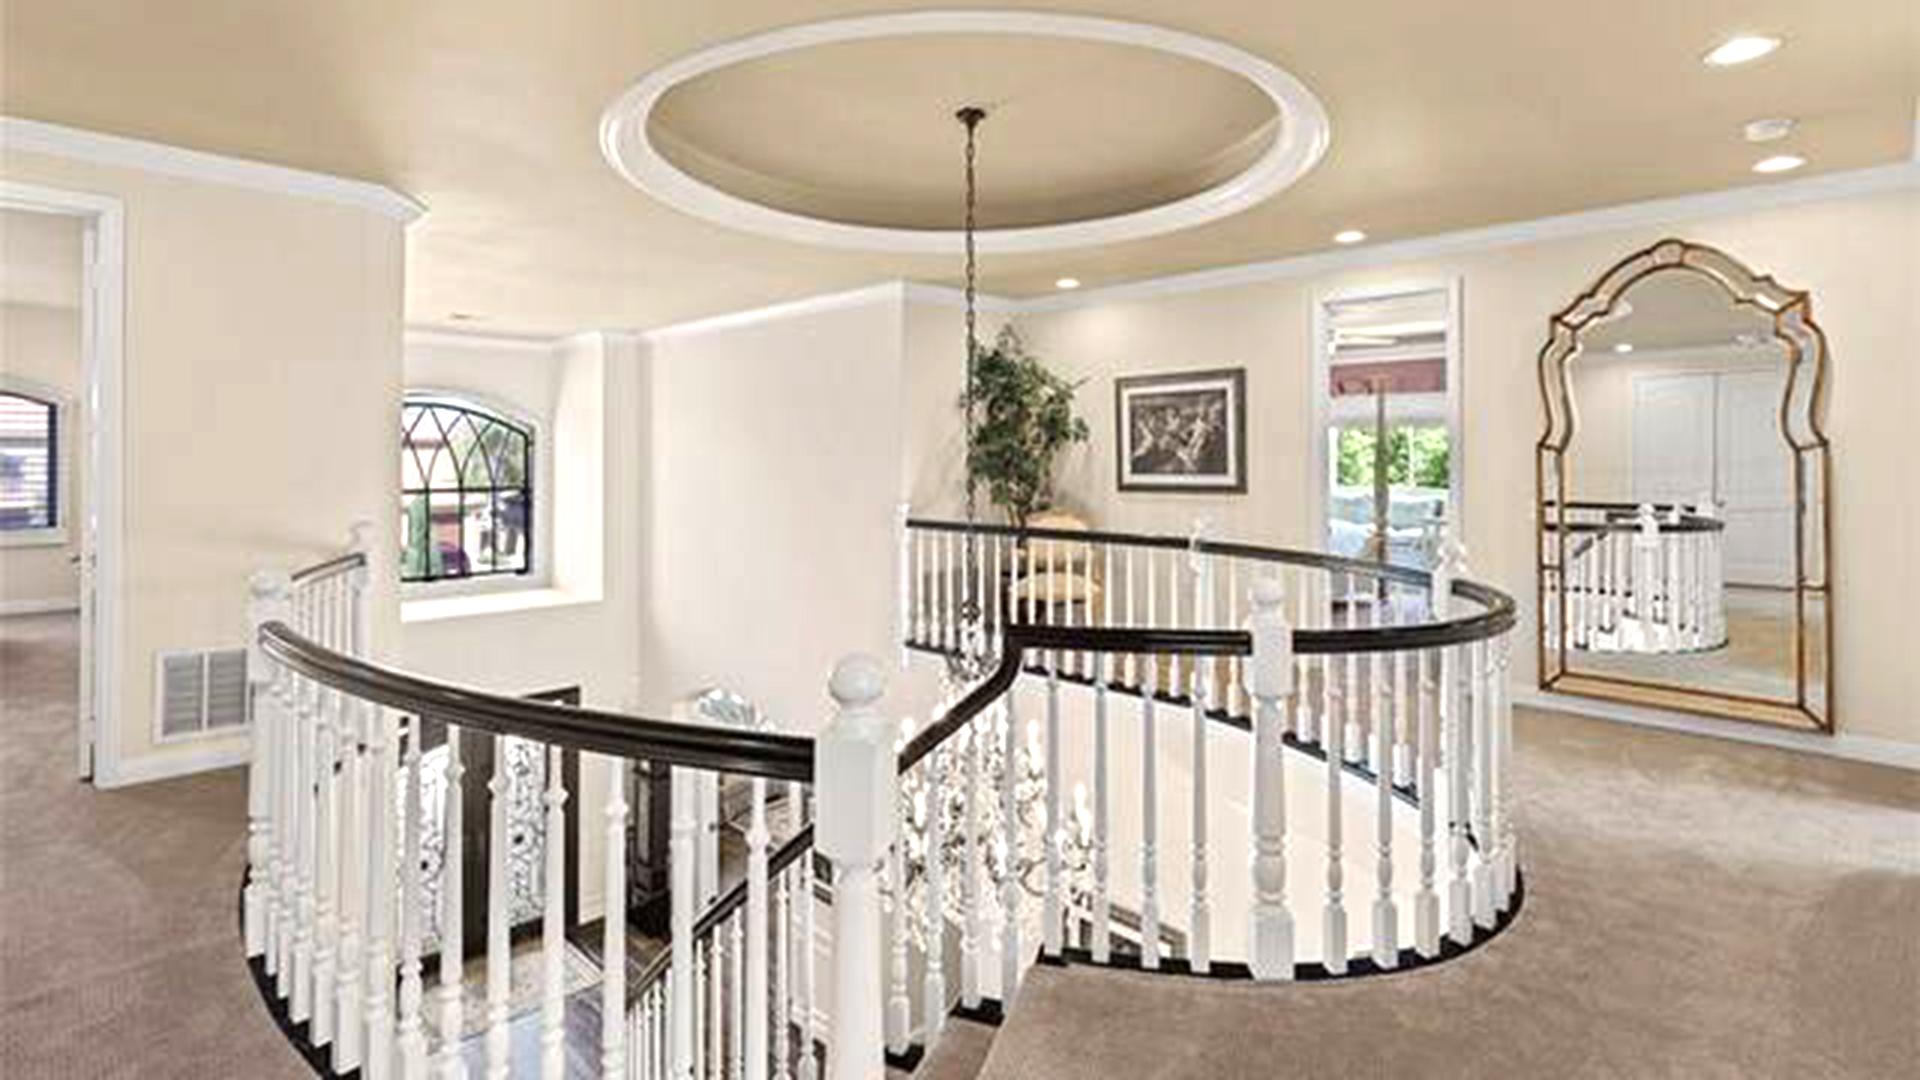 El hijo menor de Michael Jackson celebró sus 18 años comprando una mansión cuyo valor es de más de USD 2 millones en Calabasas, California (Pacific playa realty)